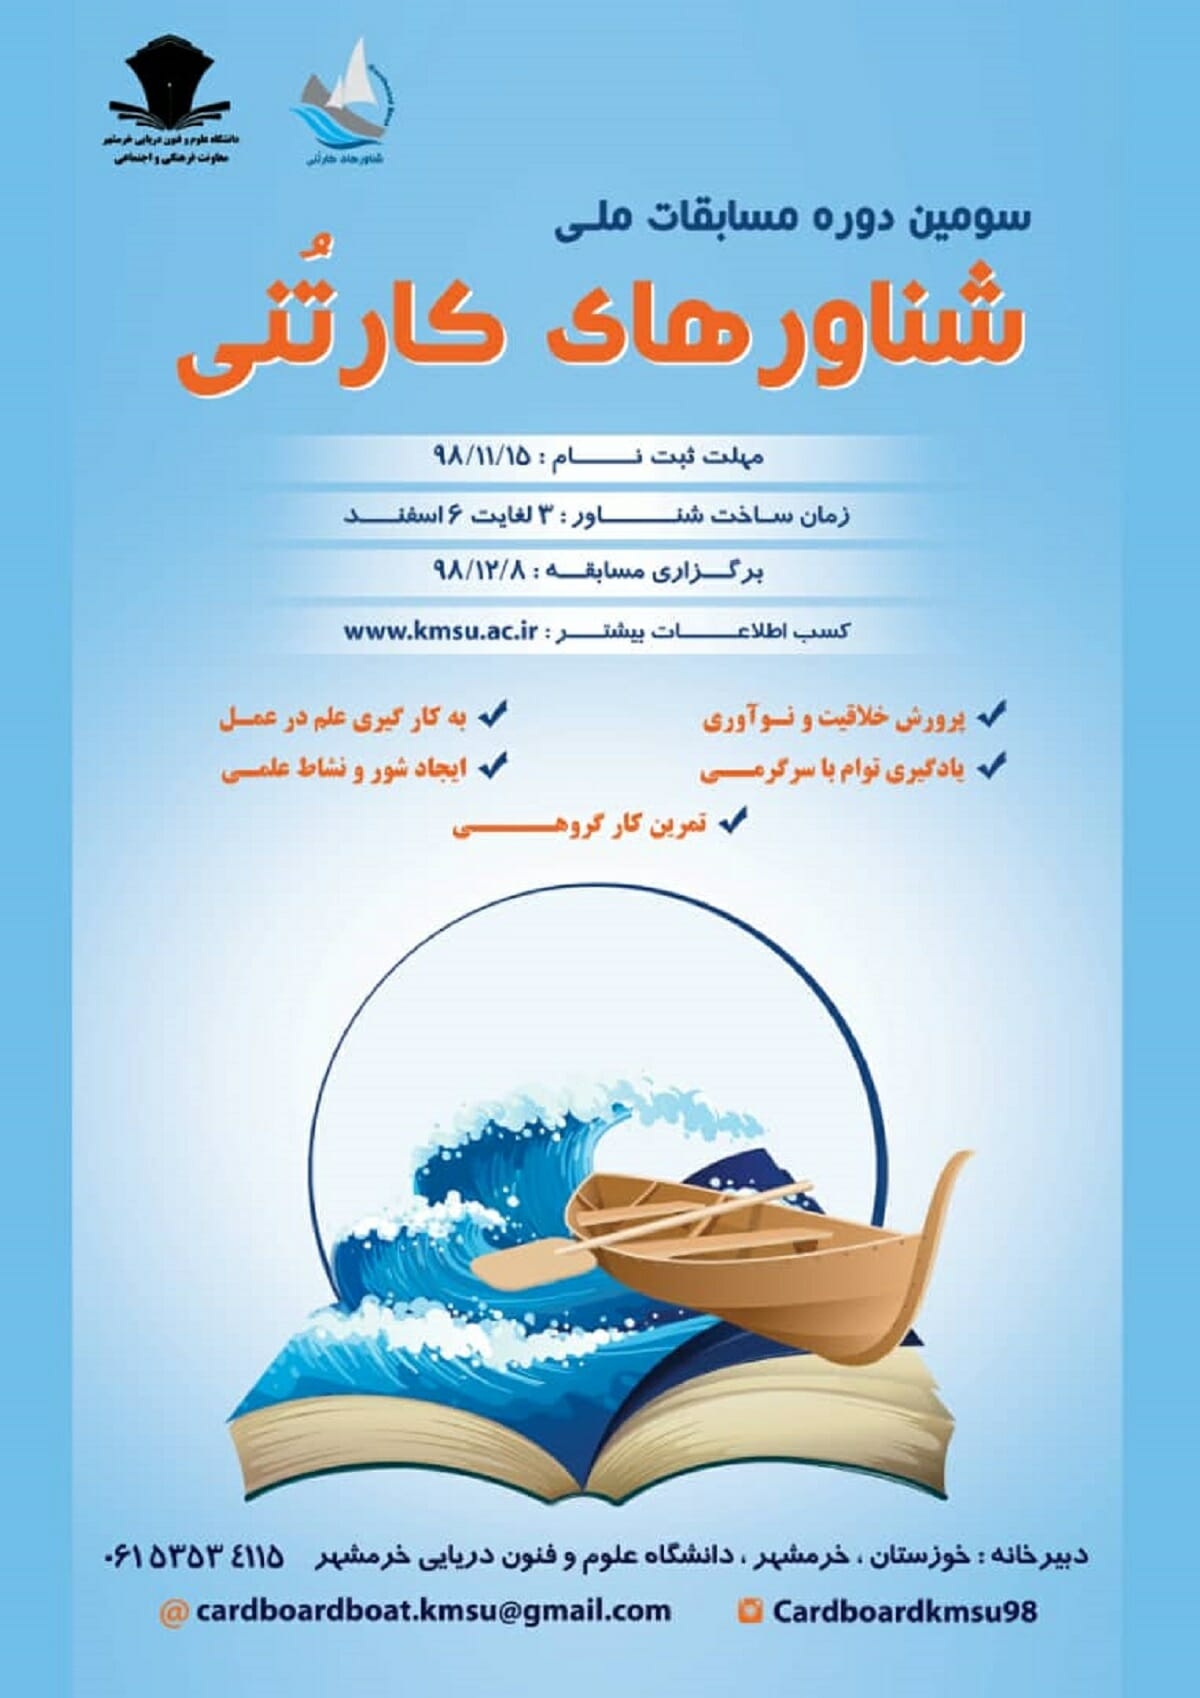 دانشگاه علوم و فنون دریایی خرمشهر میزبان سومین دوره مسابقات ملی شناورهای کارتنی